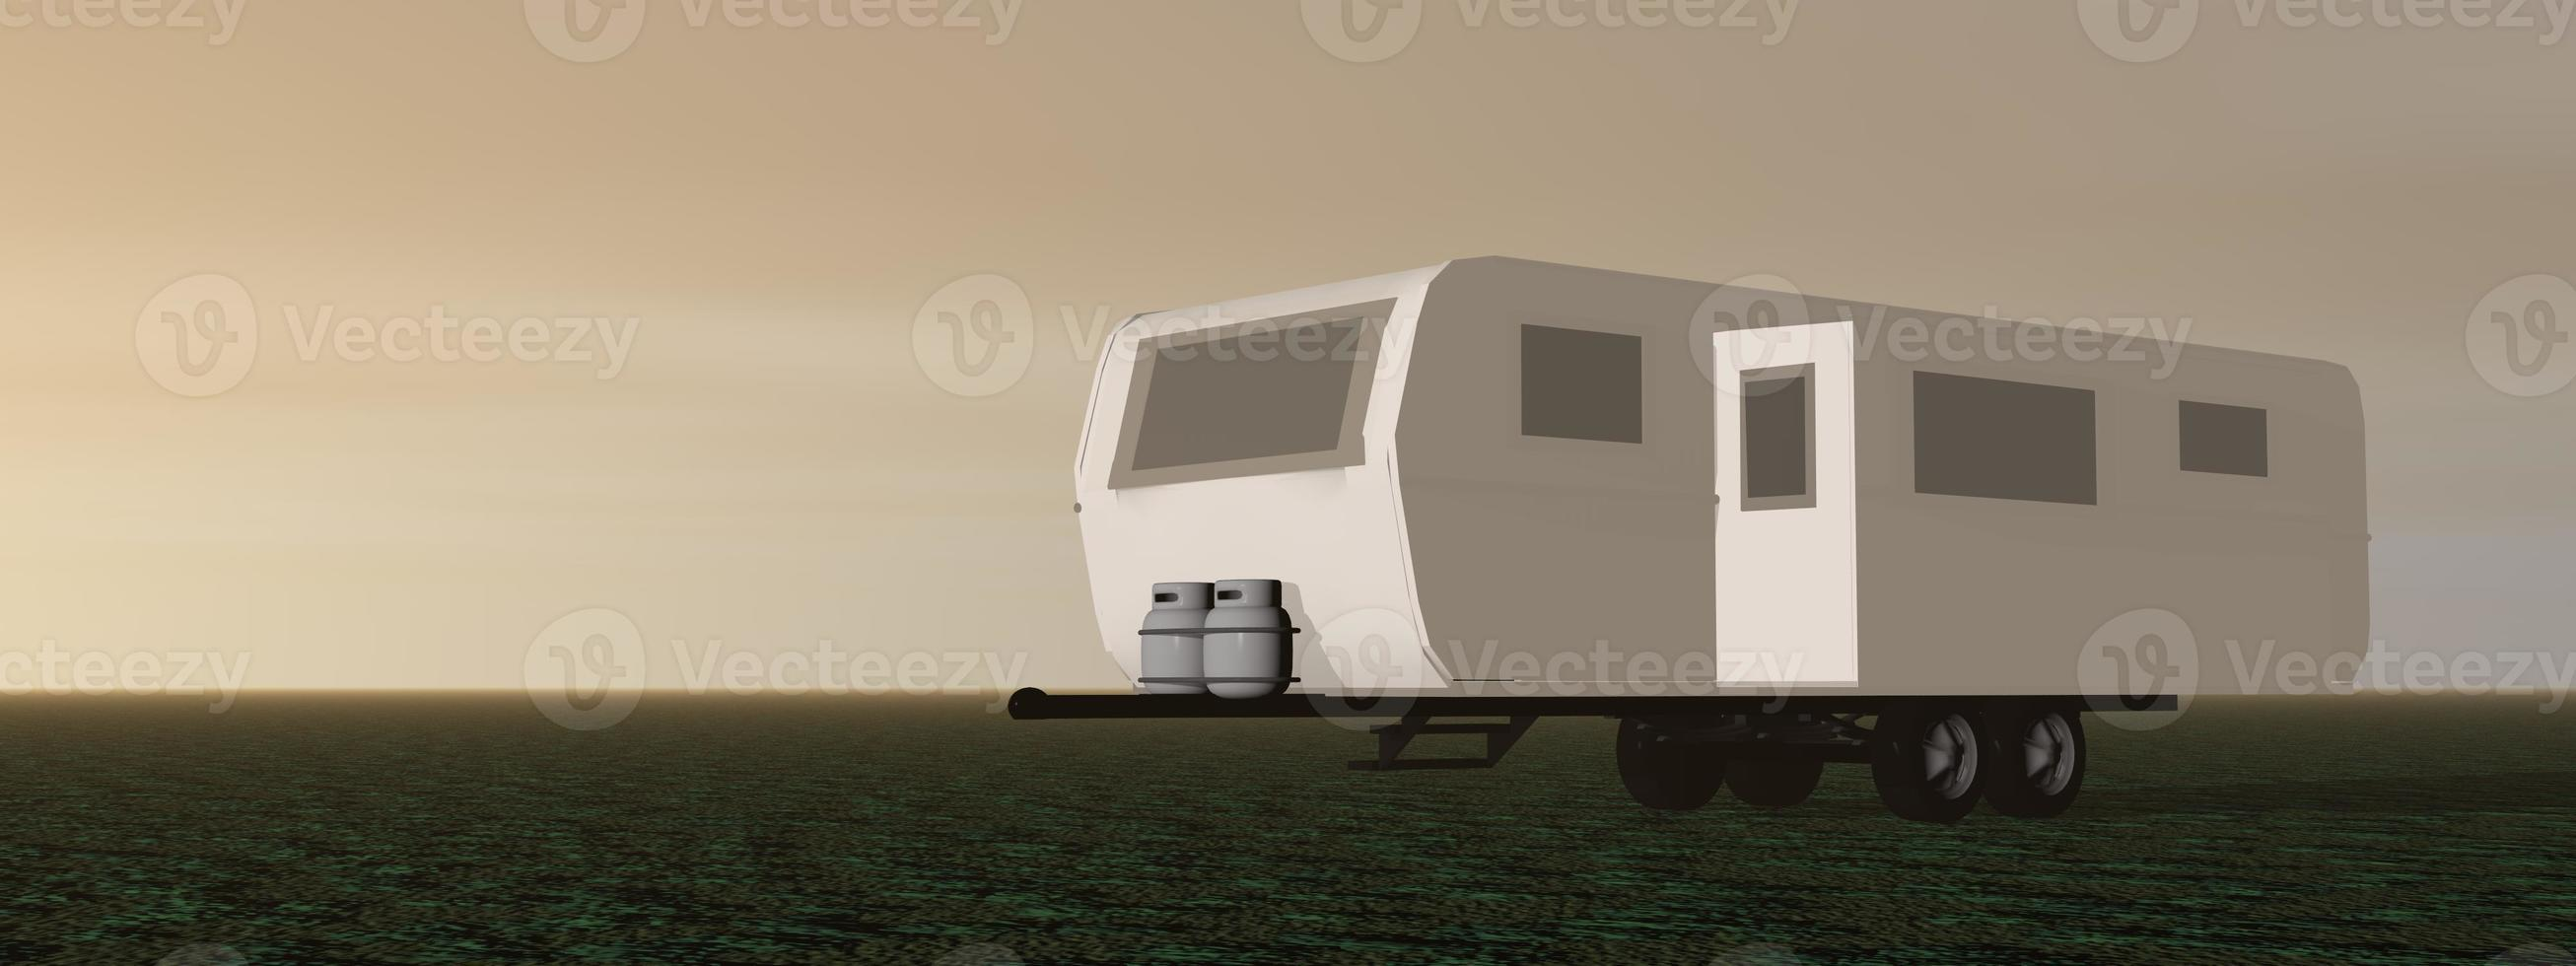 Caravan - 3D render photo